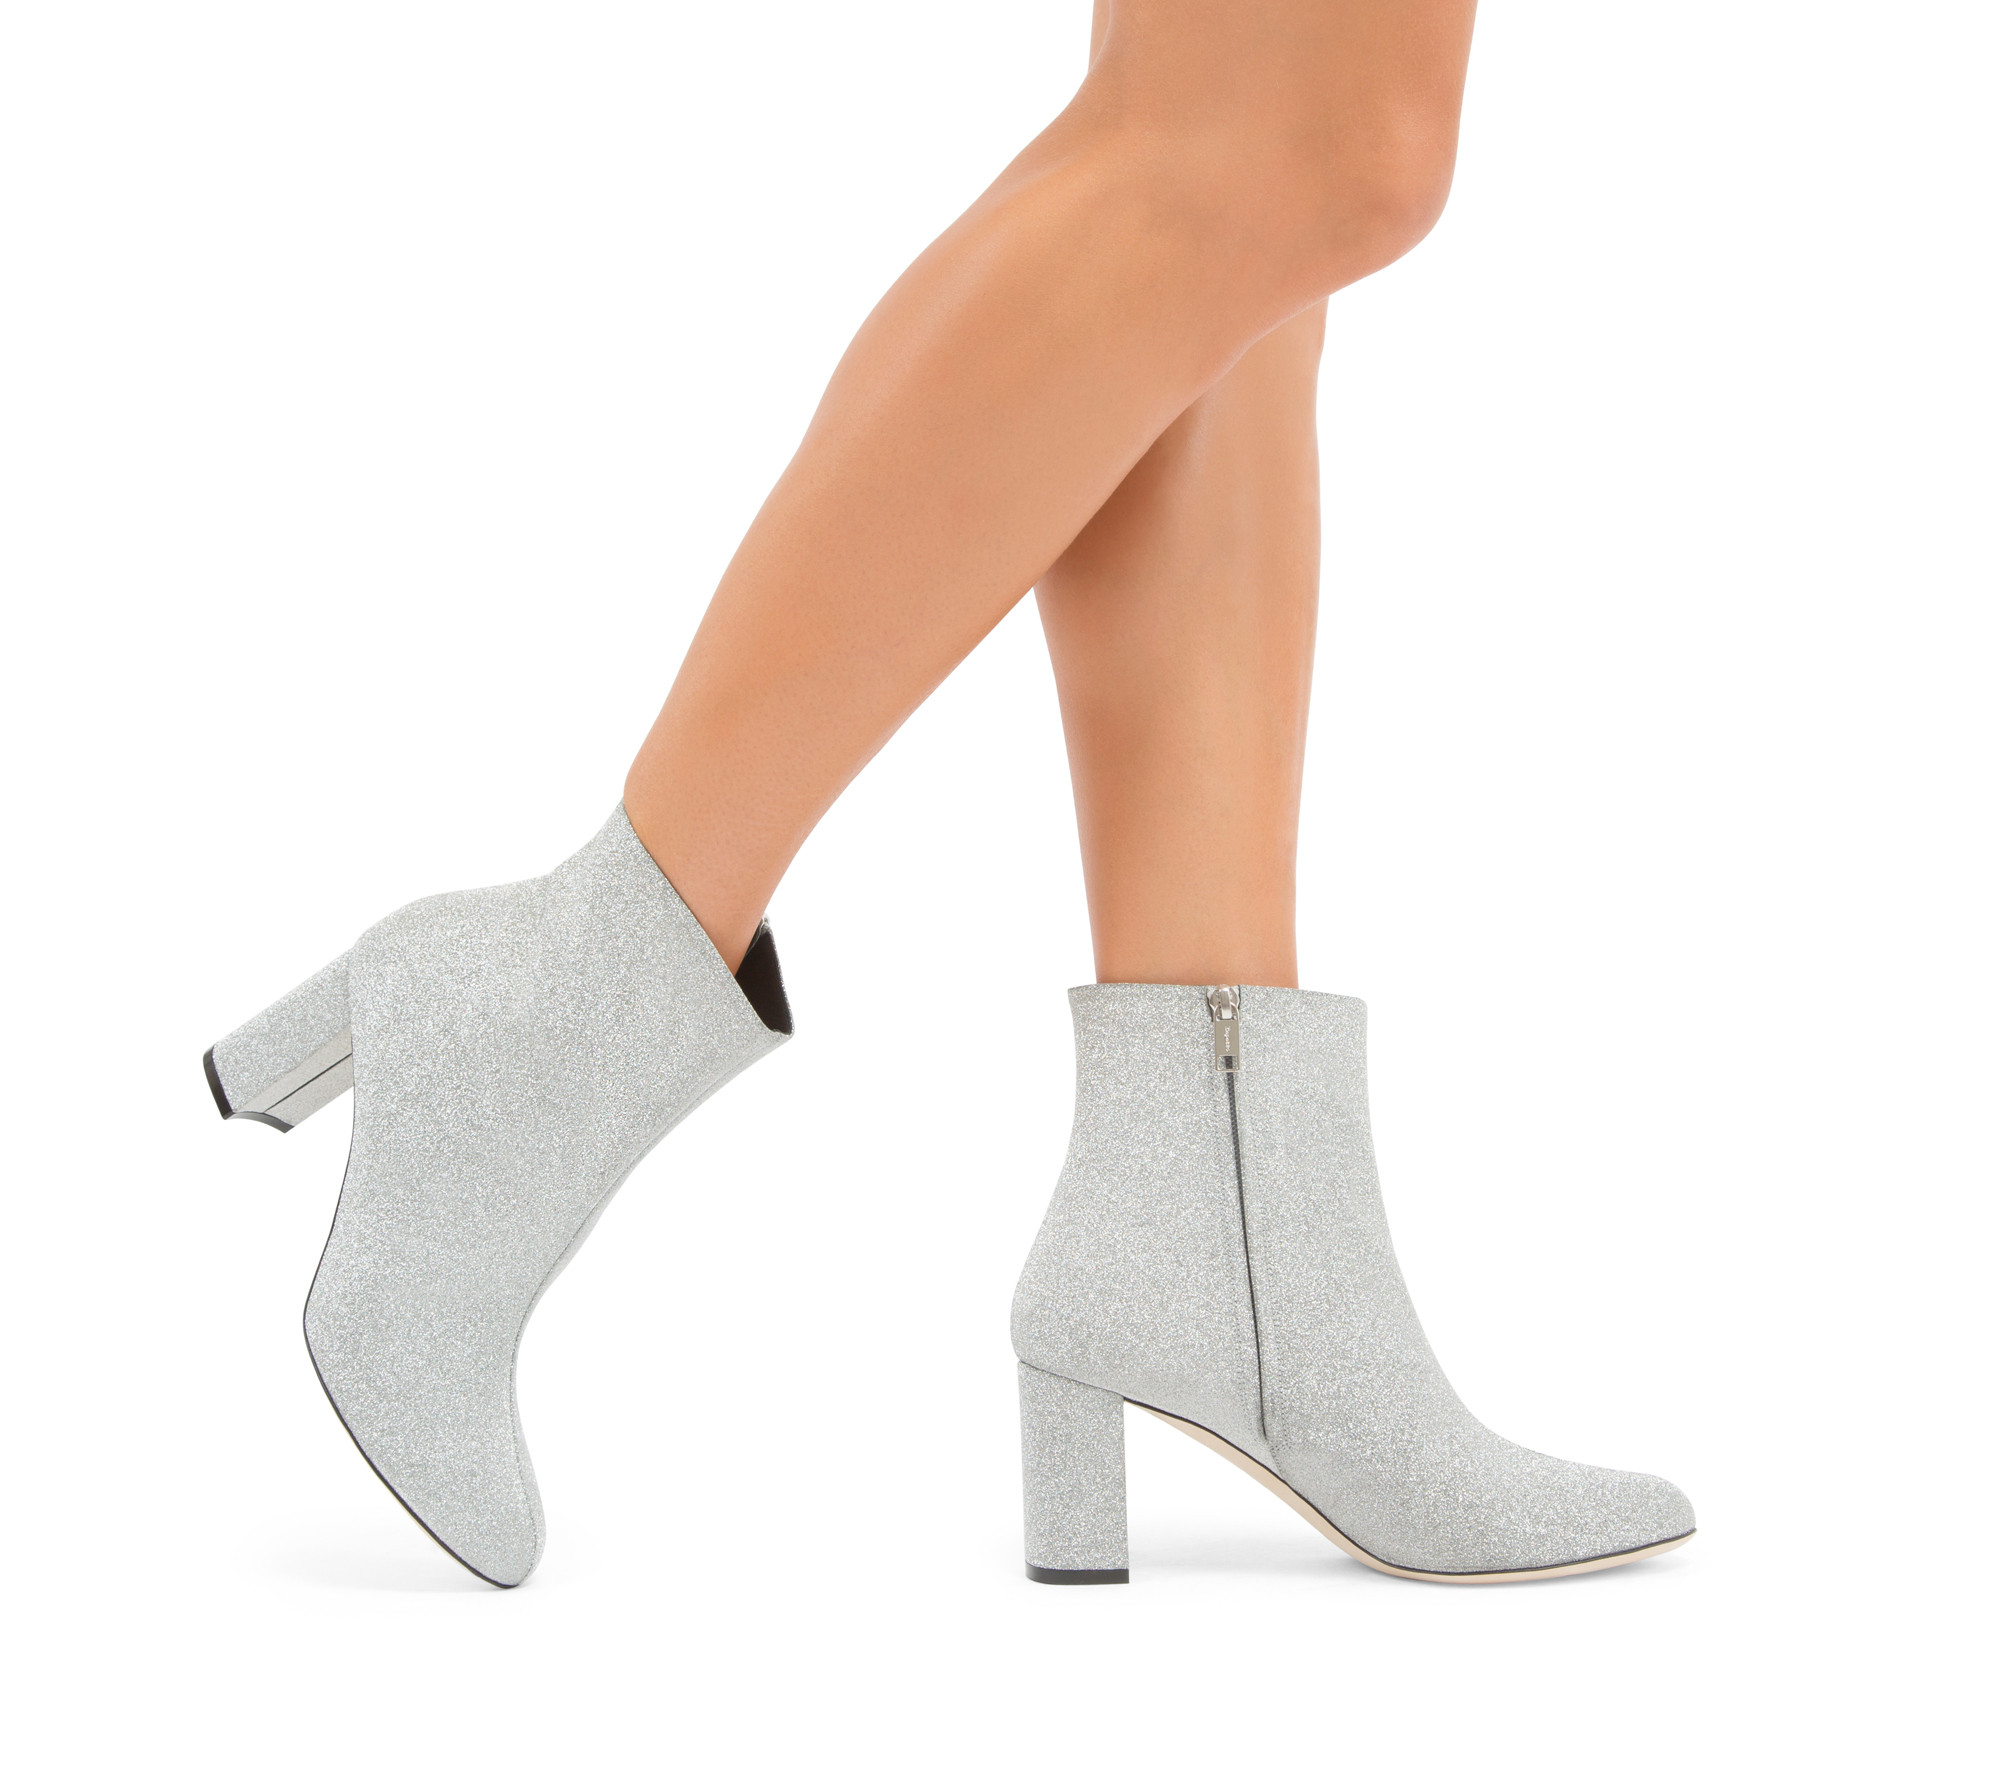 Gabin boots